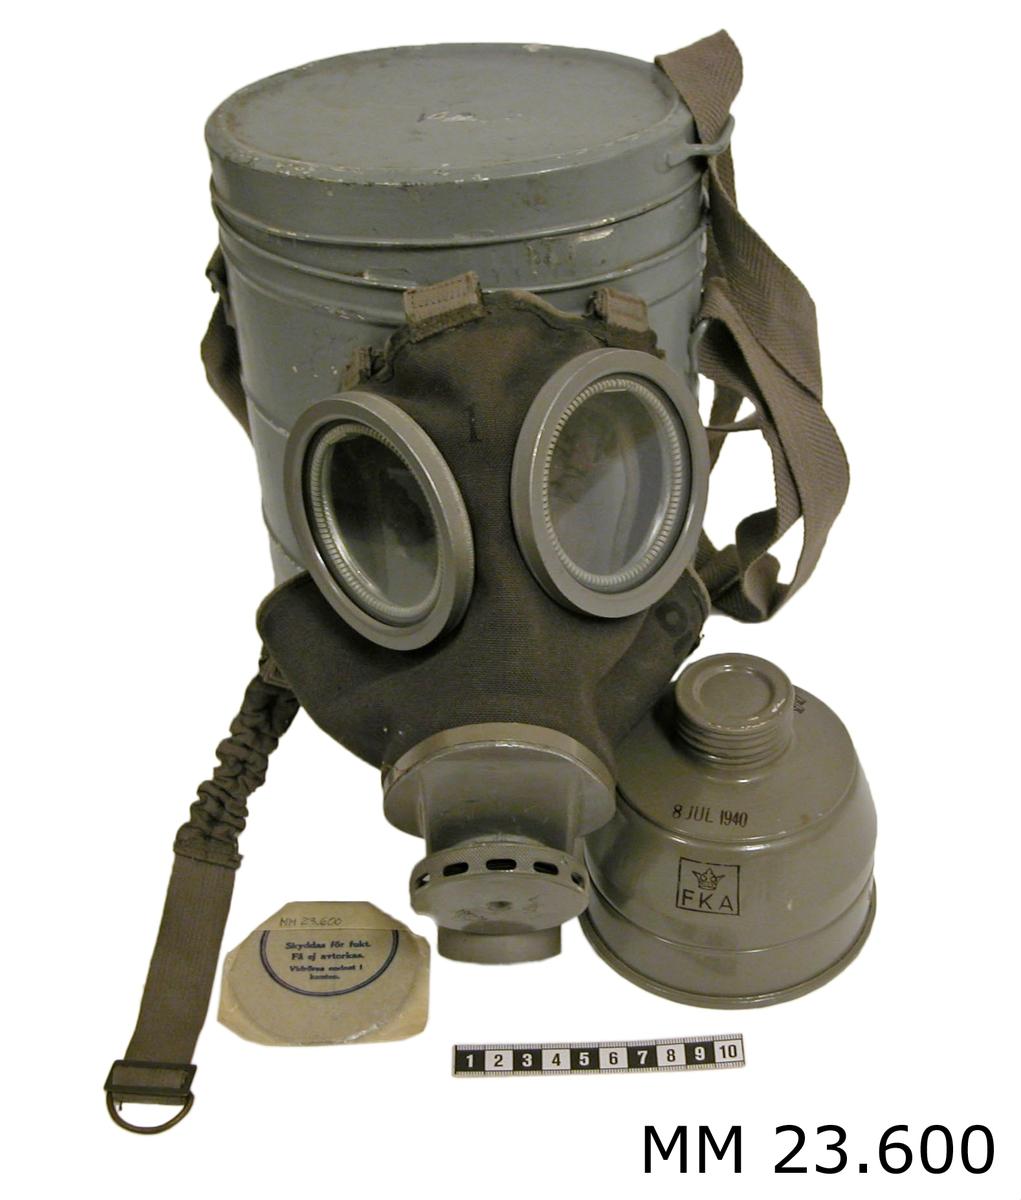 """Gasmasken består av: Ansiktsskydd med ventilhus och behållare. Ansiktsskyddet är av gastätt brungrått gummityg. Det är försett med infalsade ögonglas. Tätningsram av skinn för tätning mot ansiktet, bandställ med elastiska band för gasmaskens kvarhållande på huvudet samt munplatta av lättmetall med gängad anslutning för behållare och ventilhus. Masken är stämplad på utsidan: """" 1 samt 7103 """" på insidan flera stämplar """" 1 """" """" FKA krönt av krona inom en kvadrat """" tre kronor 24. FEB 1940 """". Behållaren är av metall med lock, oval form, gråmålad.På undersidan stämplad med tre kronor.Reglerbart bärband som locket är fäst i. I behålaren finns även ett paket med imskiva, stämplad F.K.Ä 24 JUL 1940 ULRIKSDAL. Ett gasfilter stämplat : """" tre kronor, 8 JUL 1940, FKA krönt av krona inom en kvadrat """" samt en torklappav grovvävd glestvinnad naturfärgad bomull. Se SSS och X pärm."""